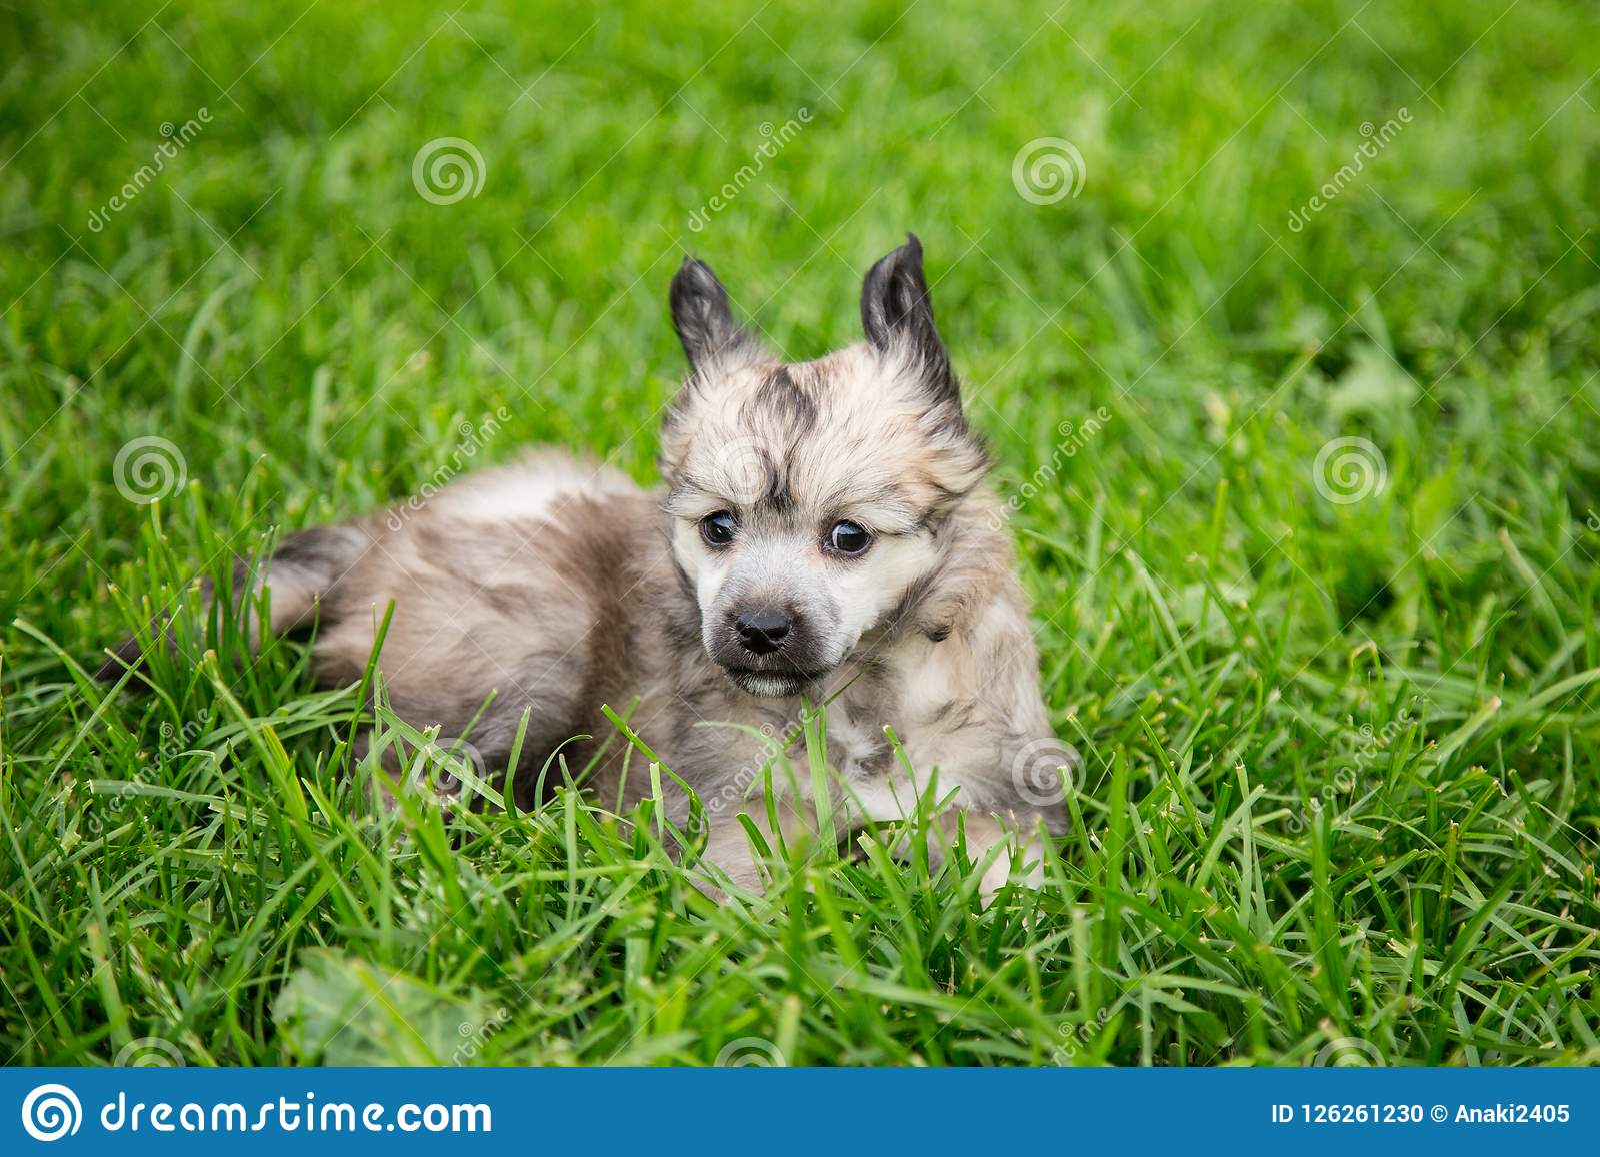 Ritratto del cane crestato cinese di polvere del soffio della razza adorabile del cucciolo che si trova nell erba verde il giorno